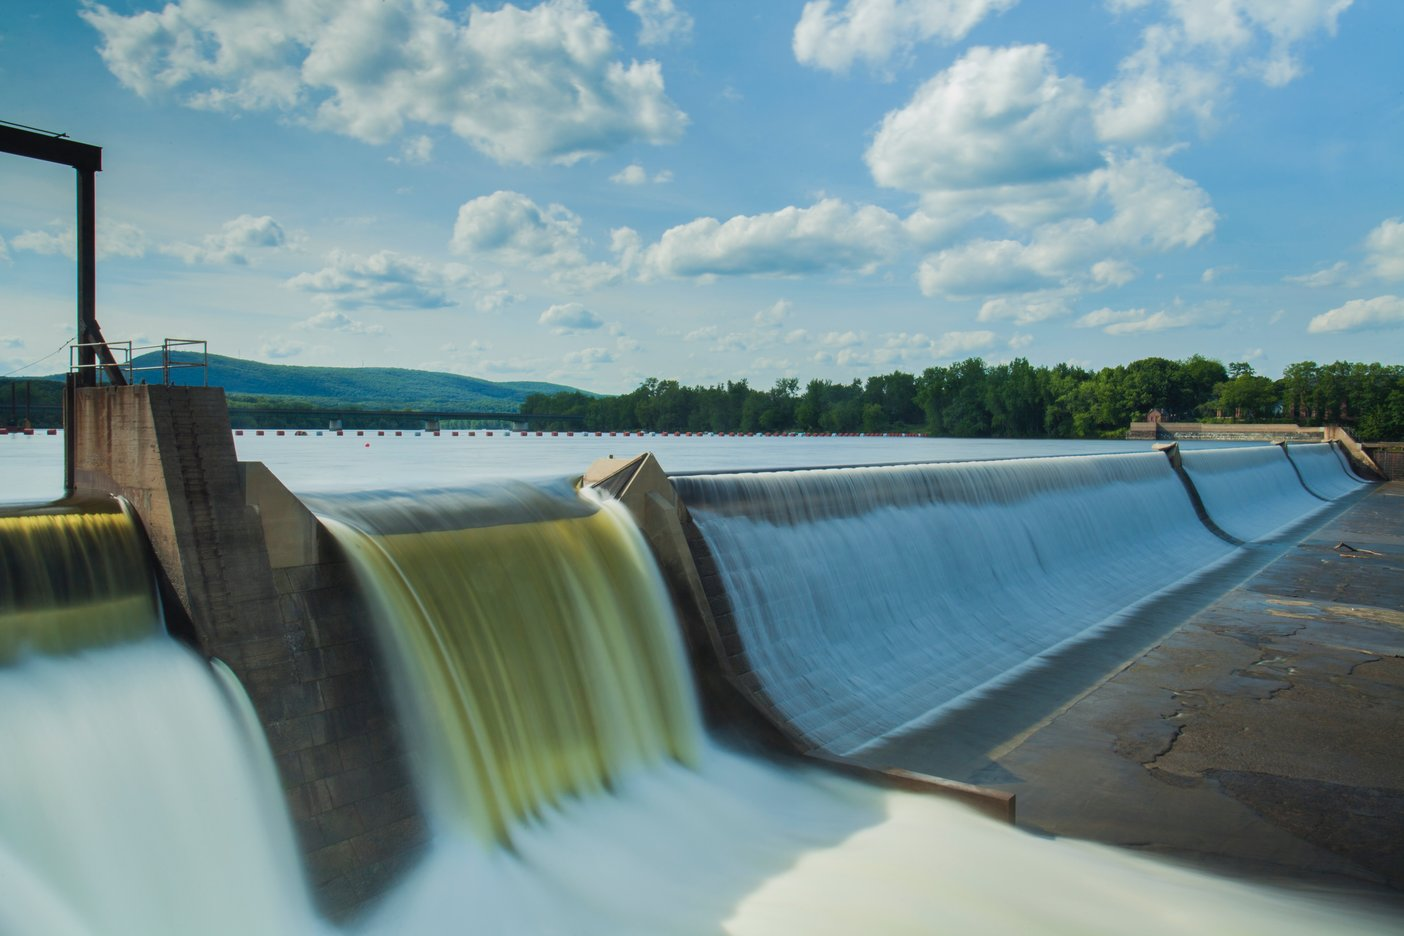 Waterkracht is de meest gebruikte manier om duurzame energie te produceren